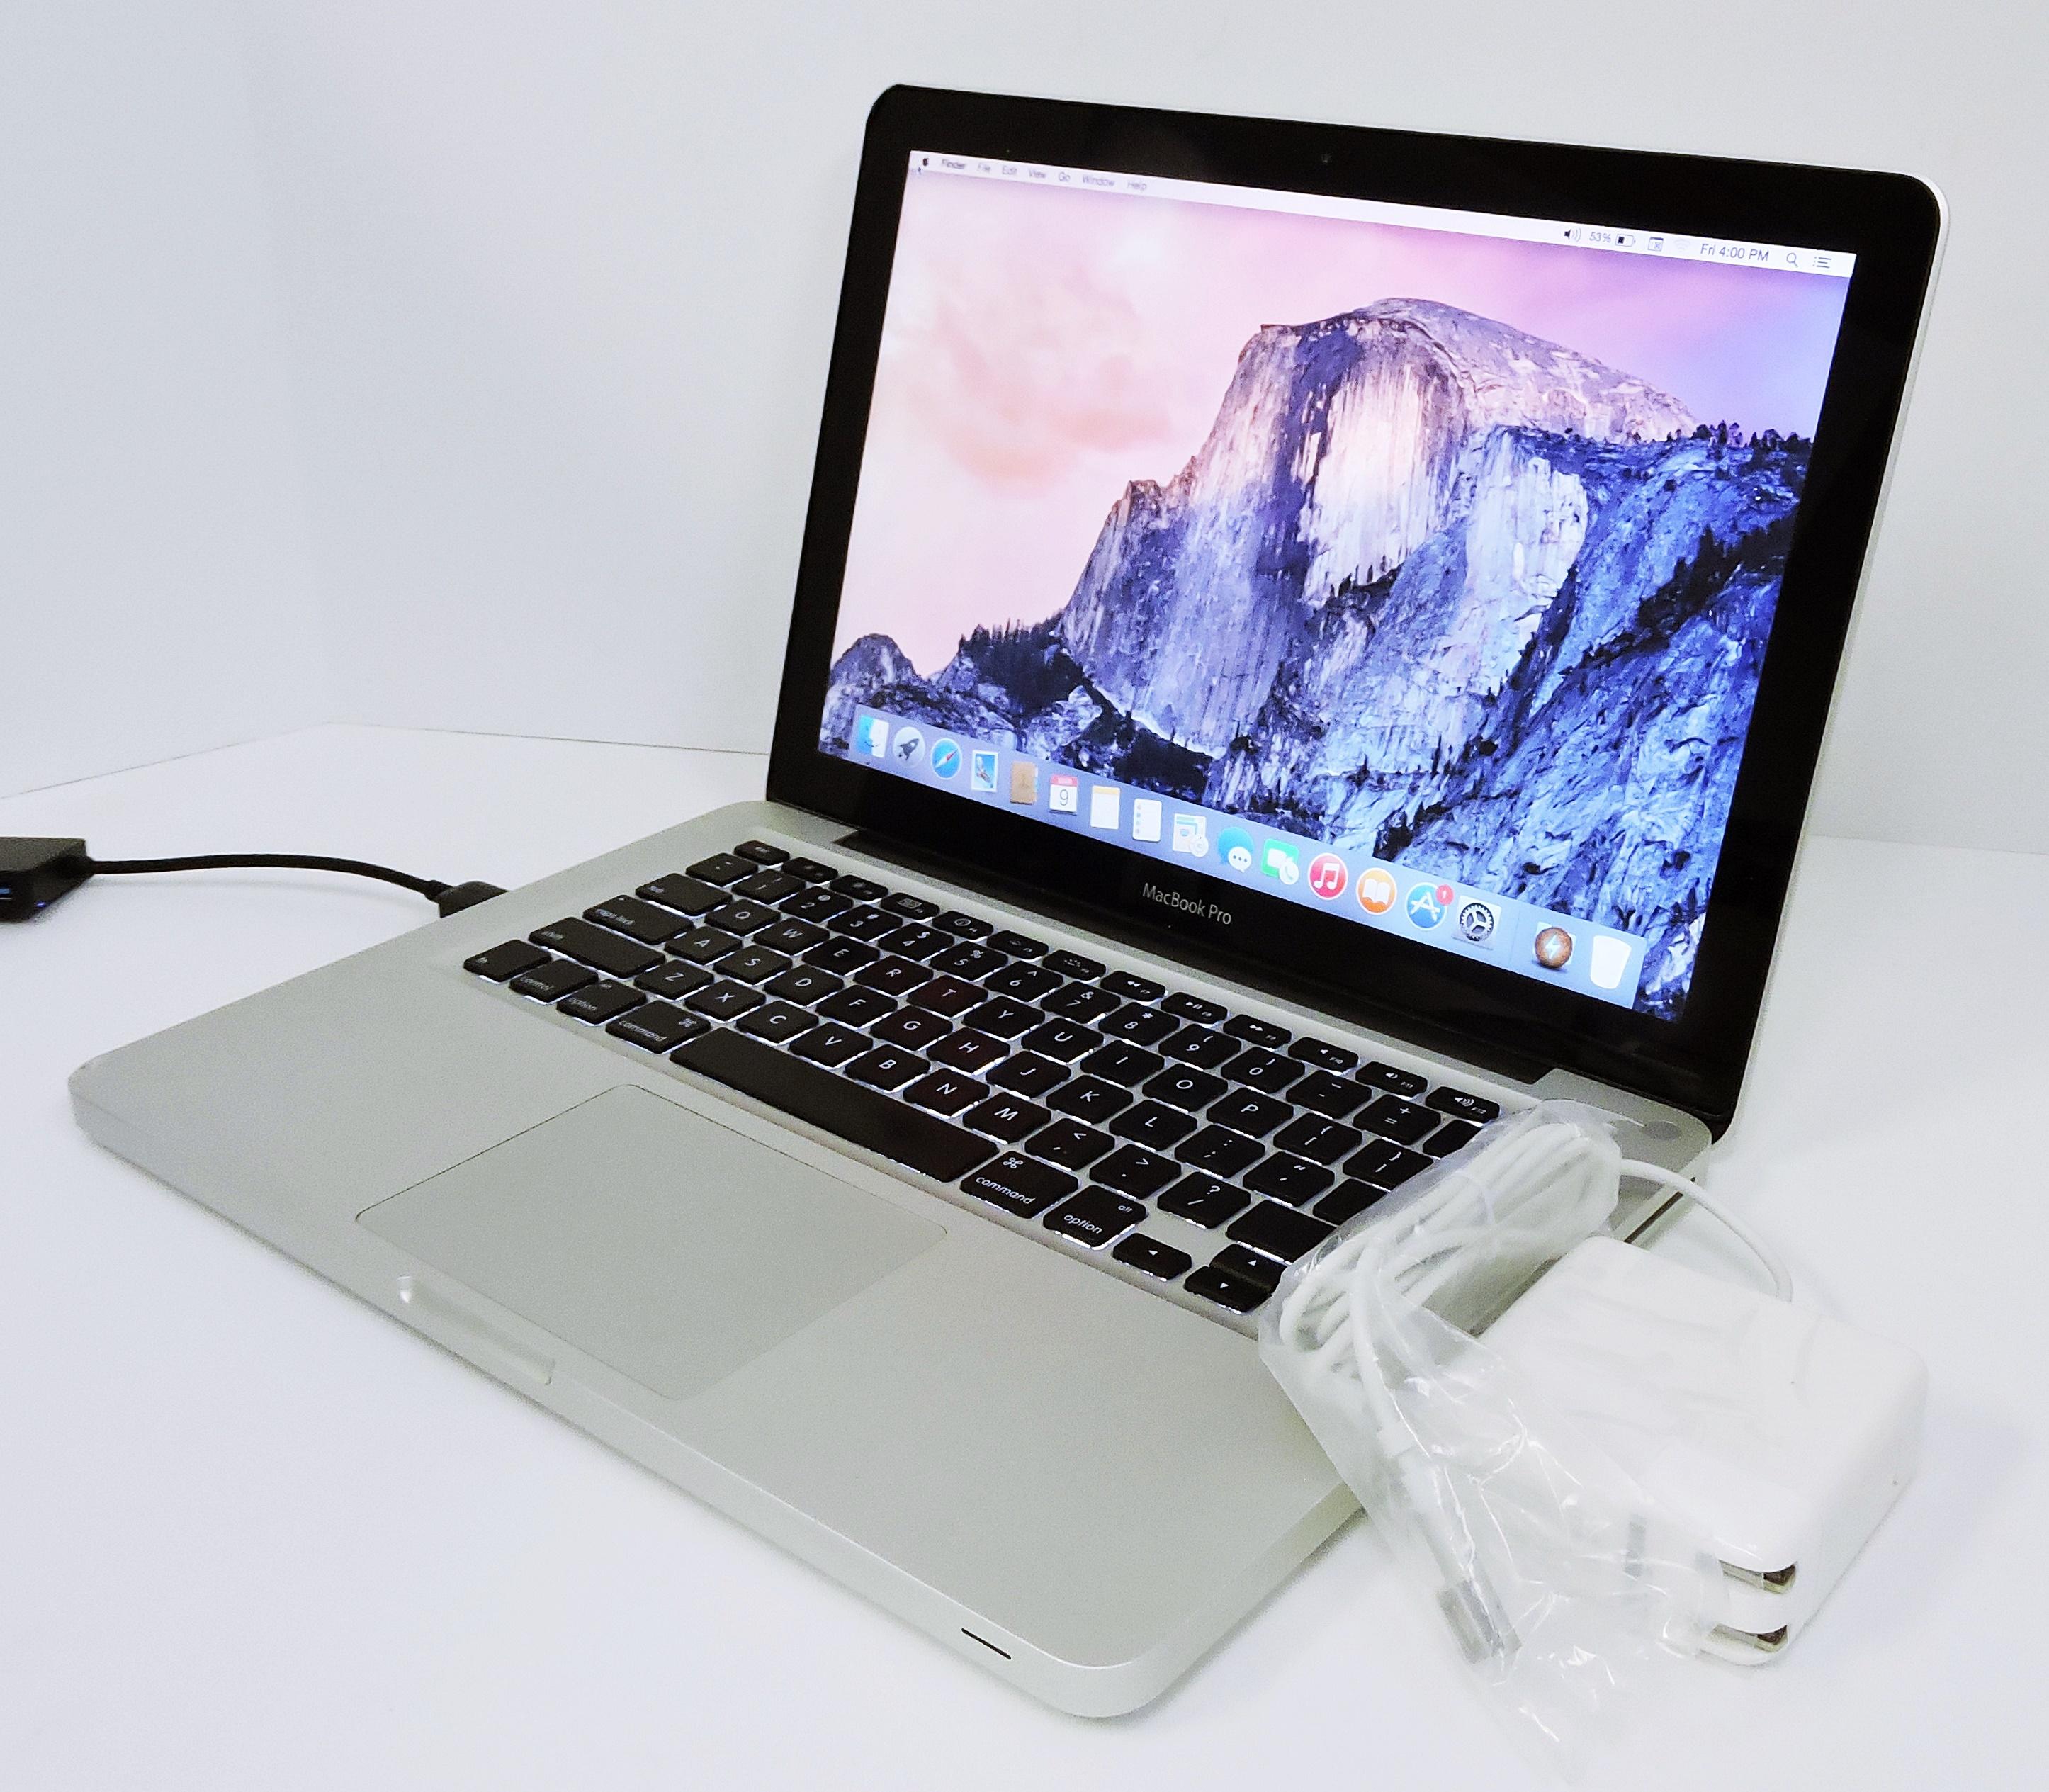 Details about Apple MacBook Pro A1278 13 3